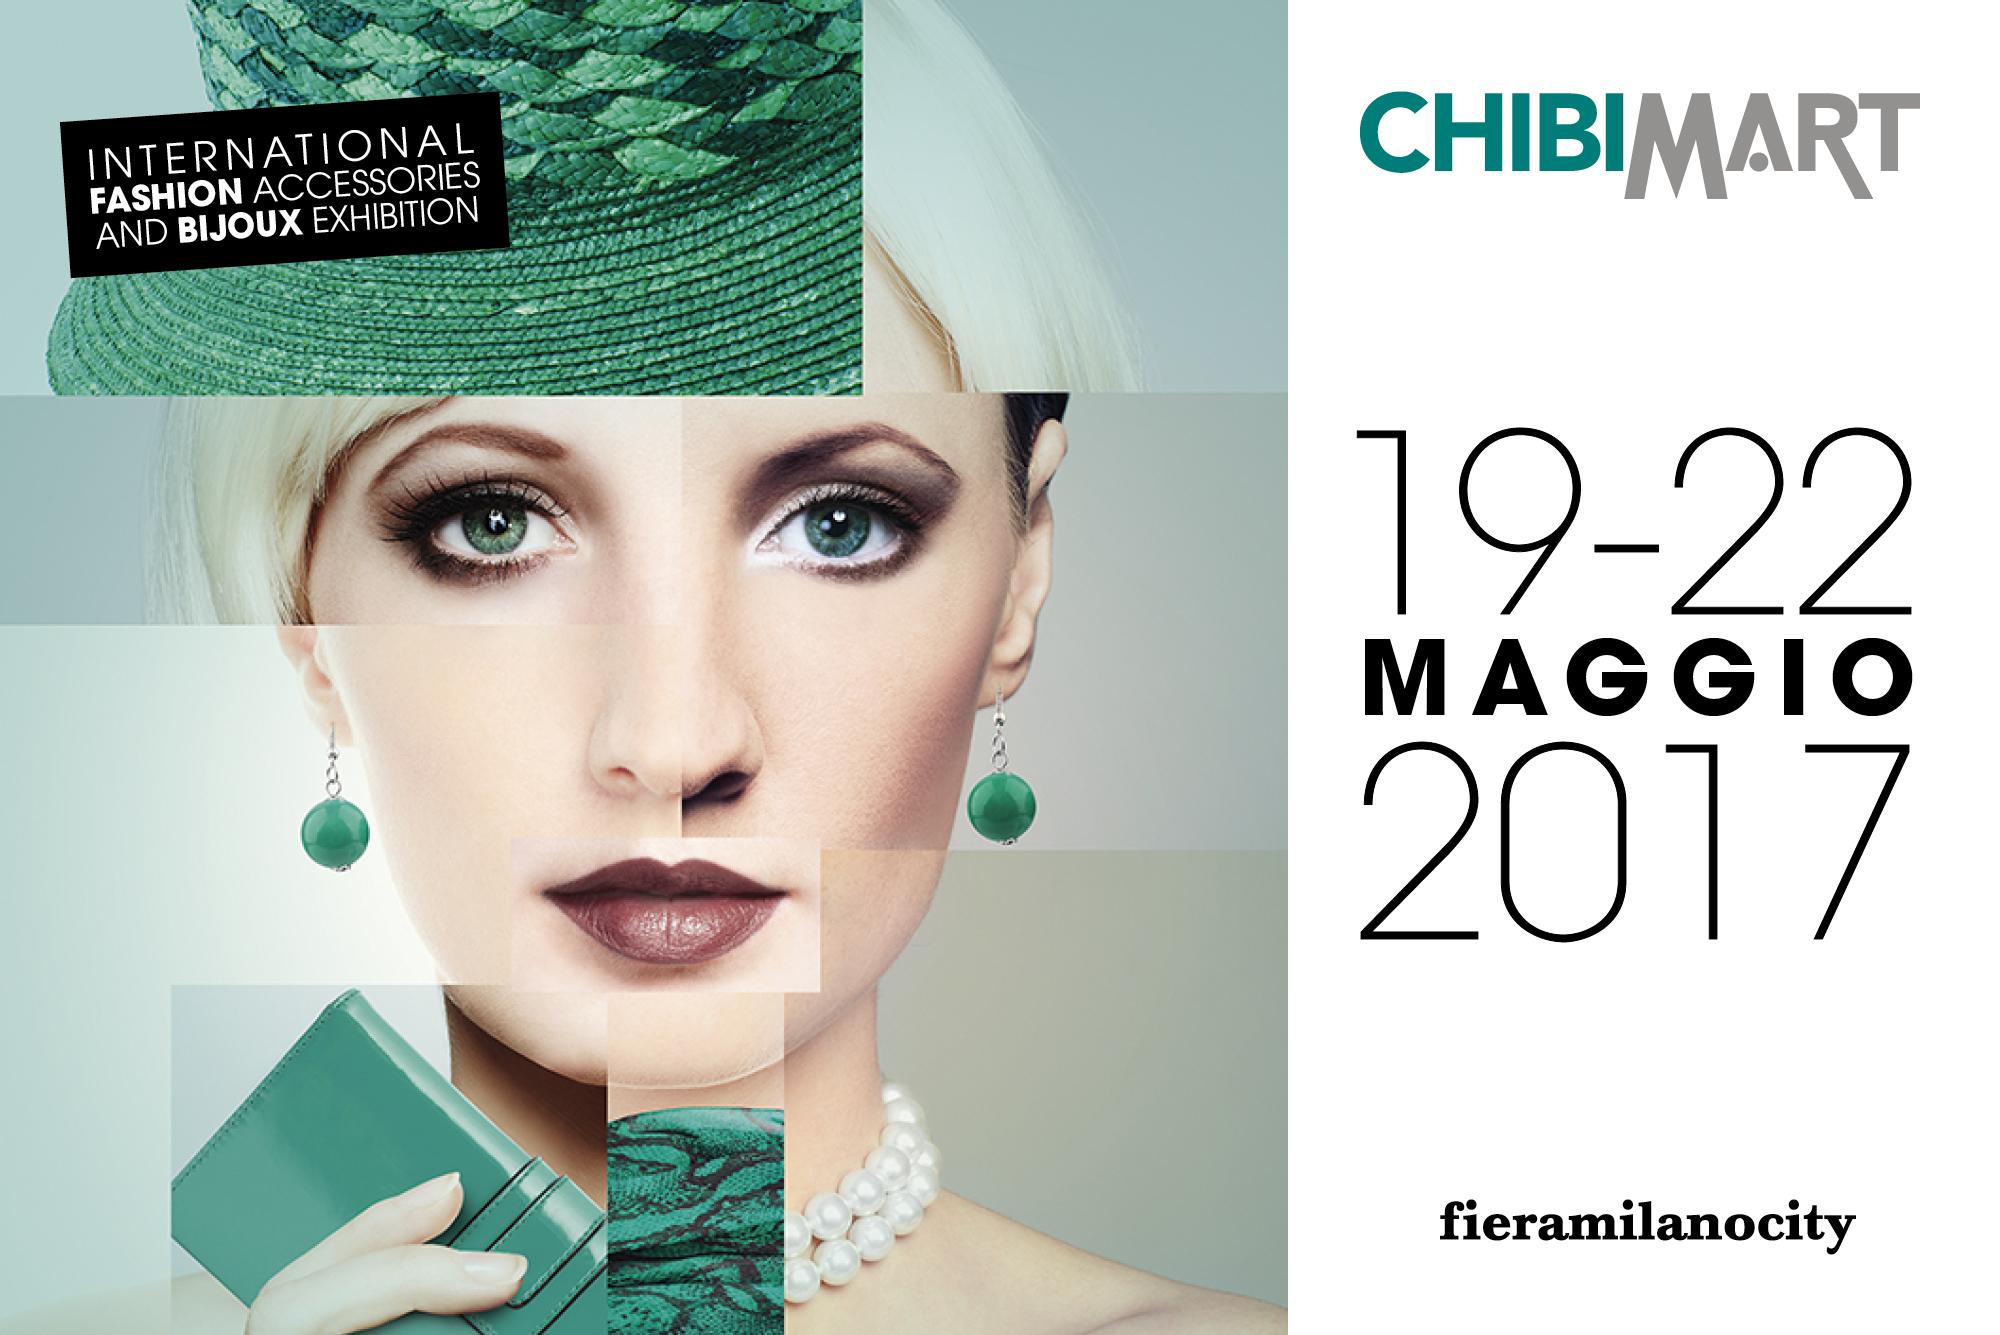 Chibimart Milano estate 2017